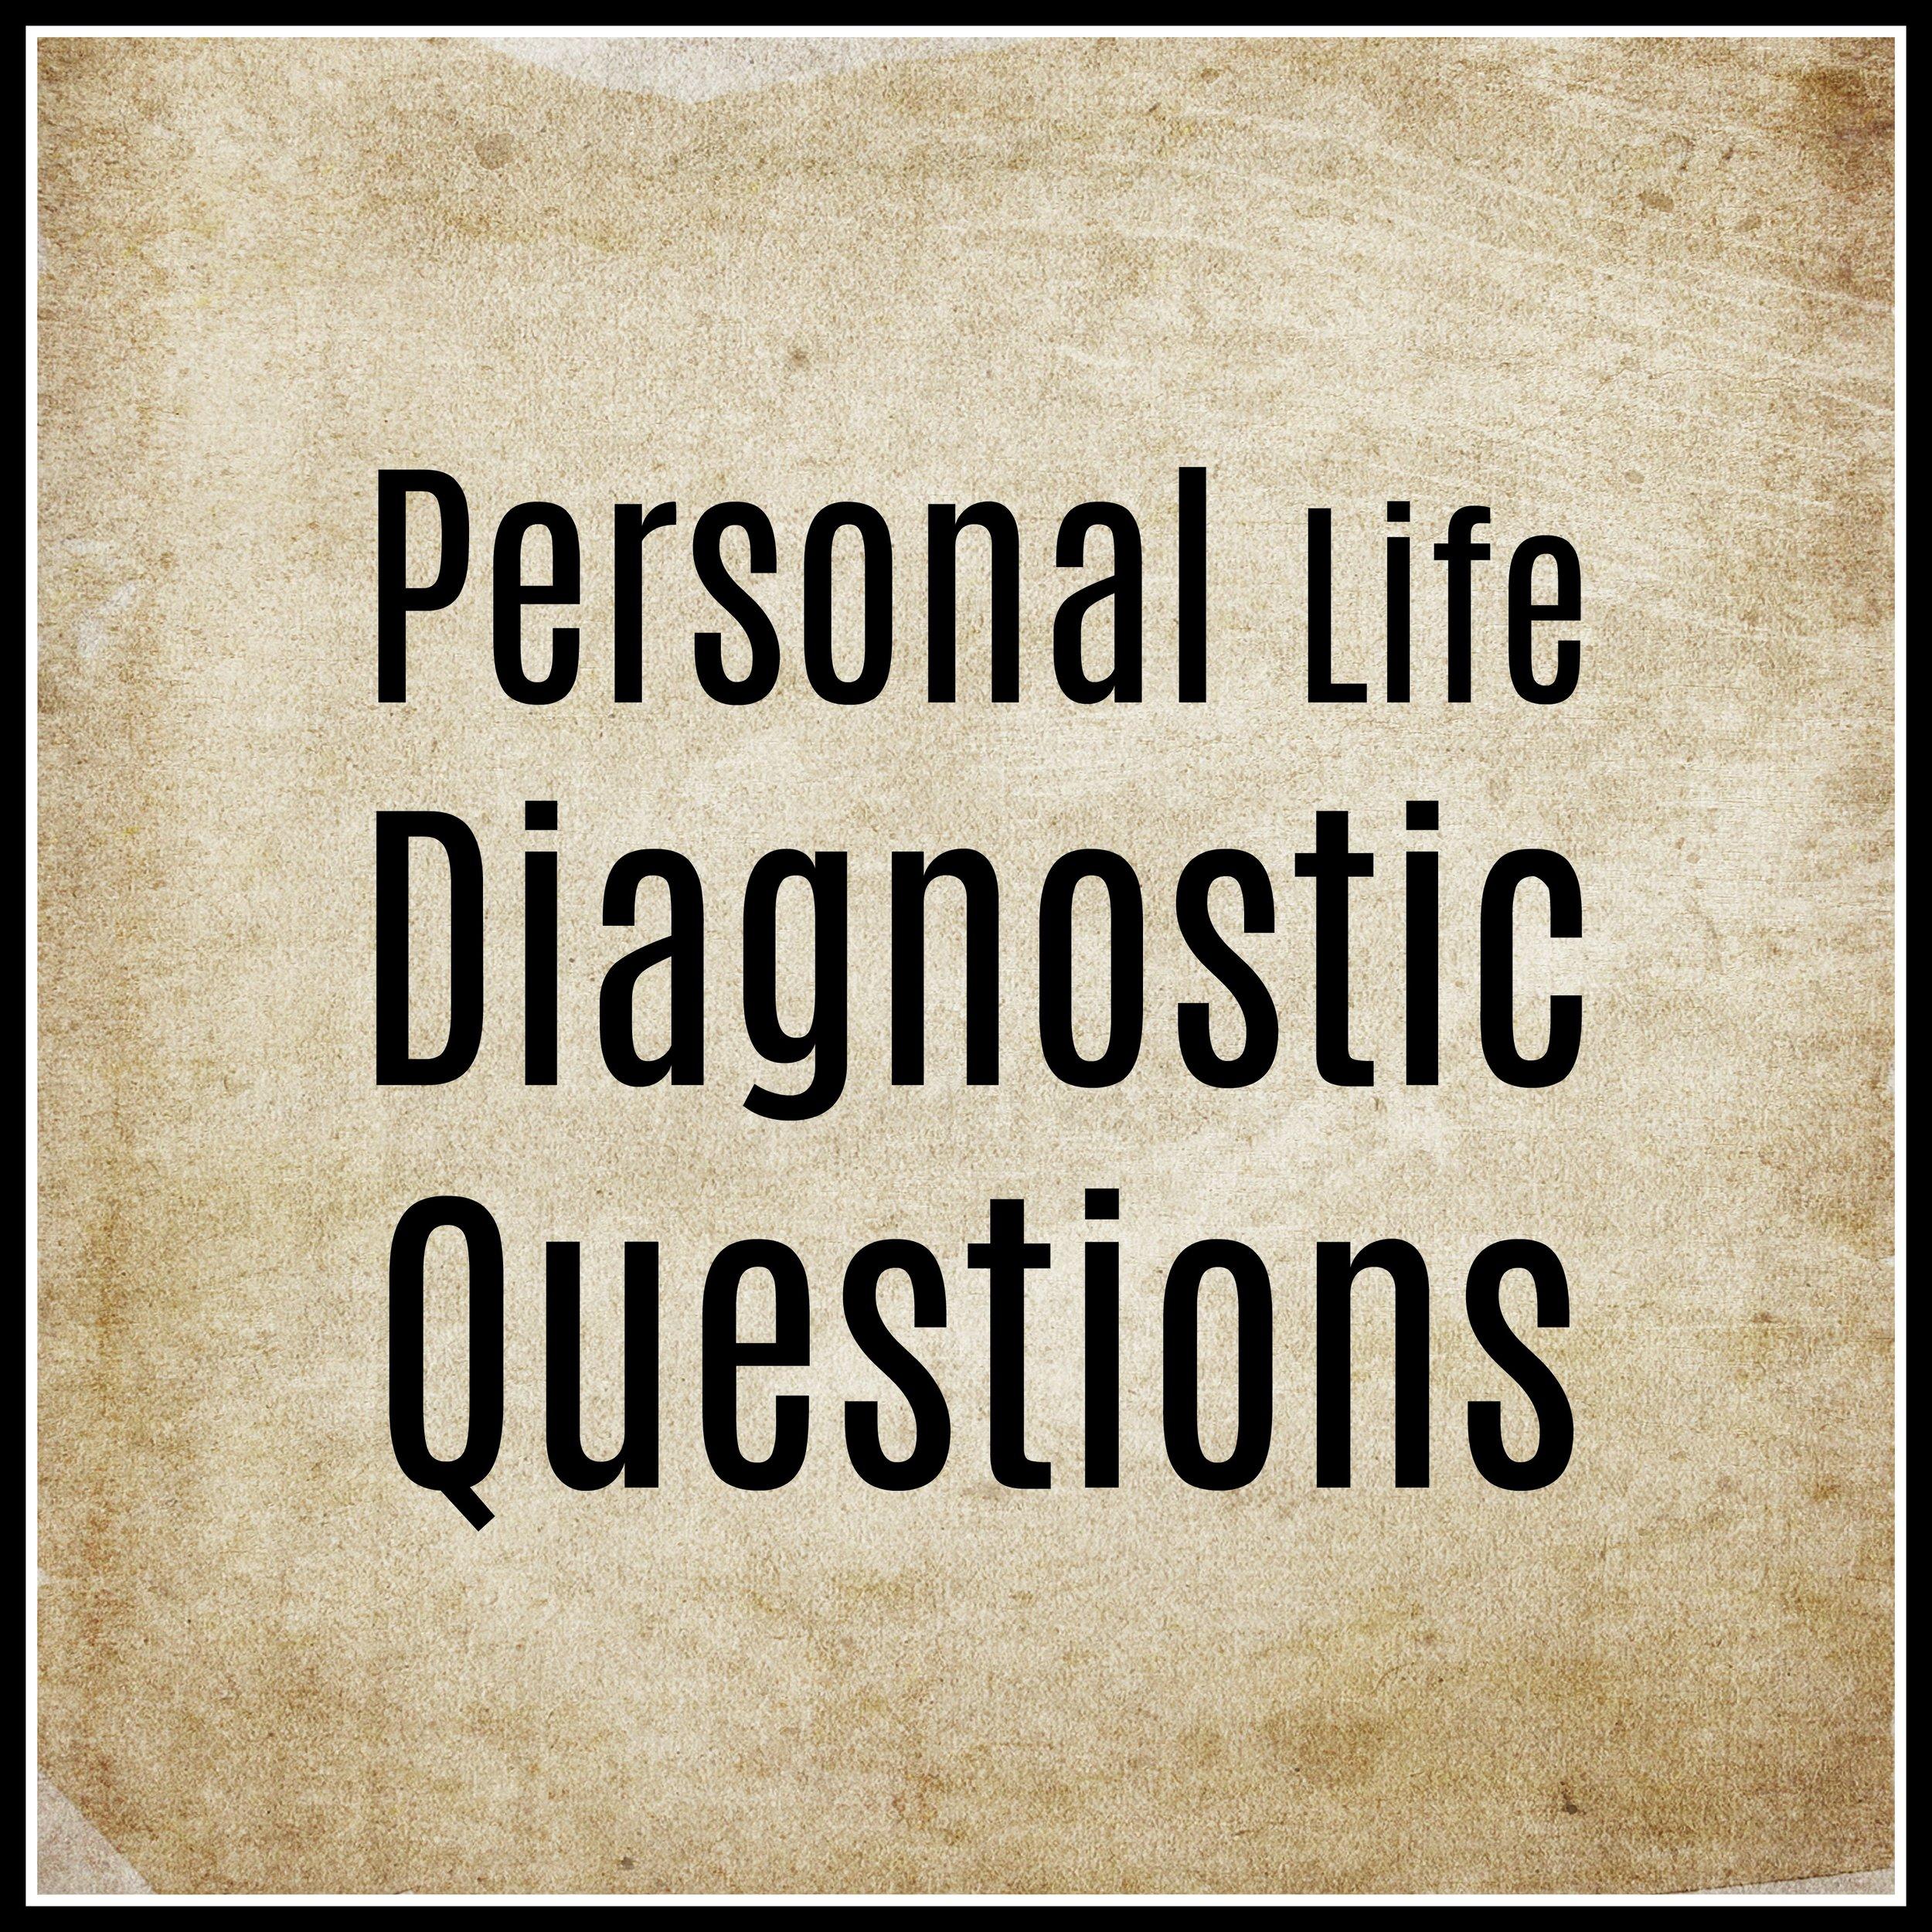 Personal Life Diagnostic Questions.jpg